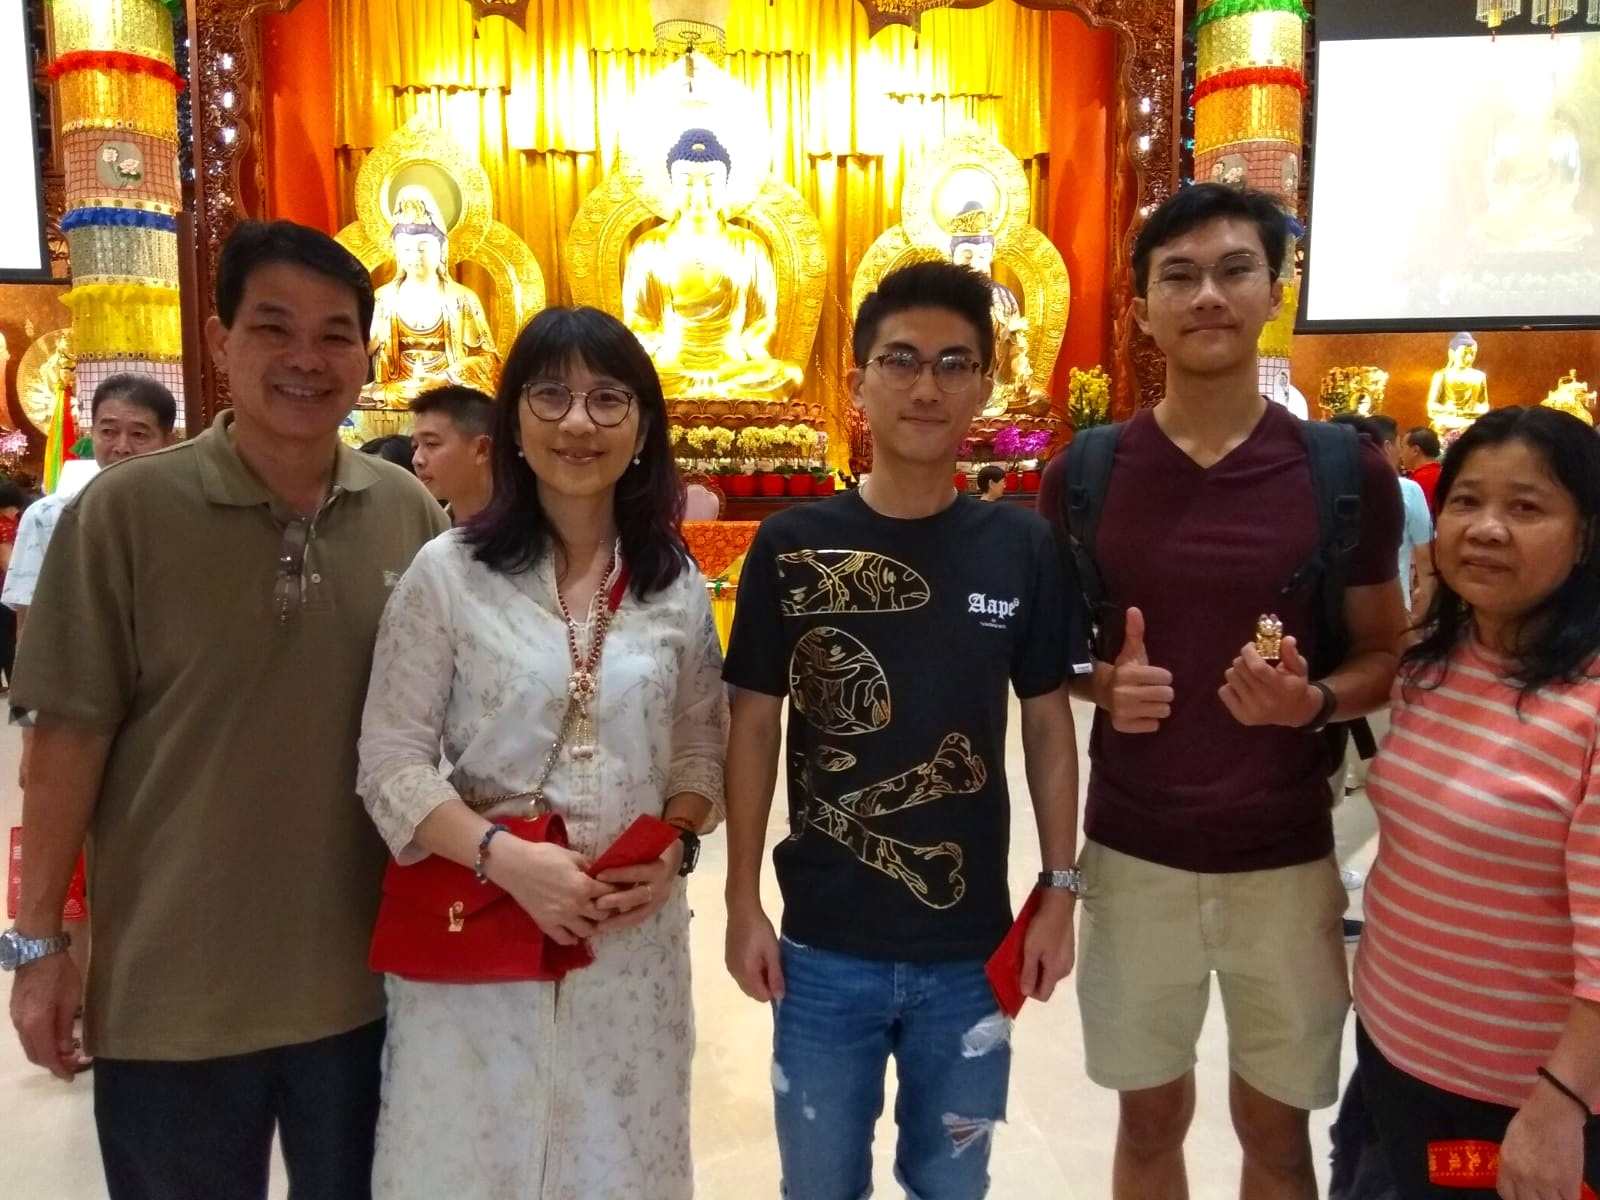 郭俊傑先生 - 年约27岁,今天在家人陪同下,不仅前来寺院礼佛,他还承担喜庆活动的义工,这是他第二年参与义工的队伍。他表示能为他人服务乃至看到他们脸上流露喜悦,自己也开心。